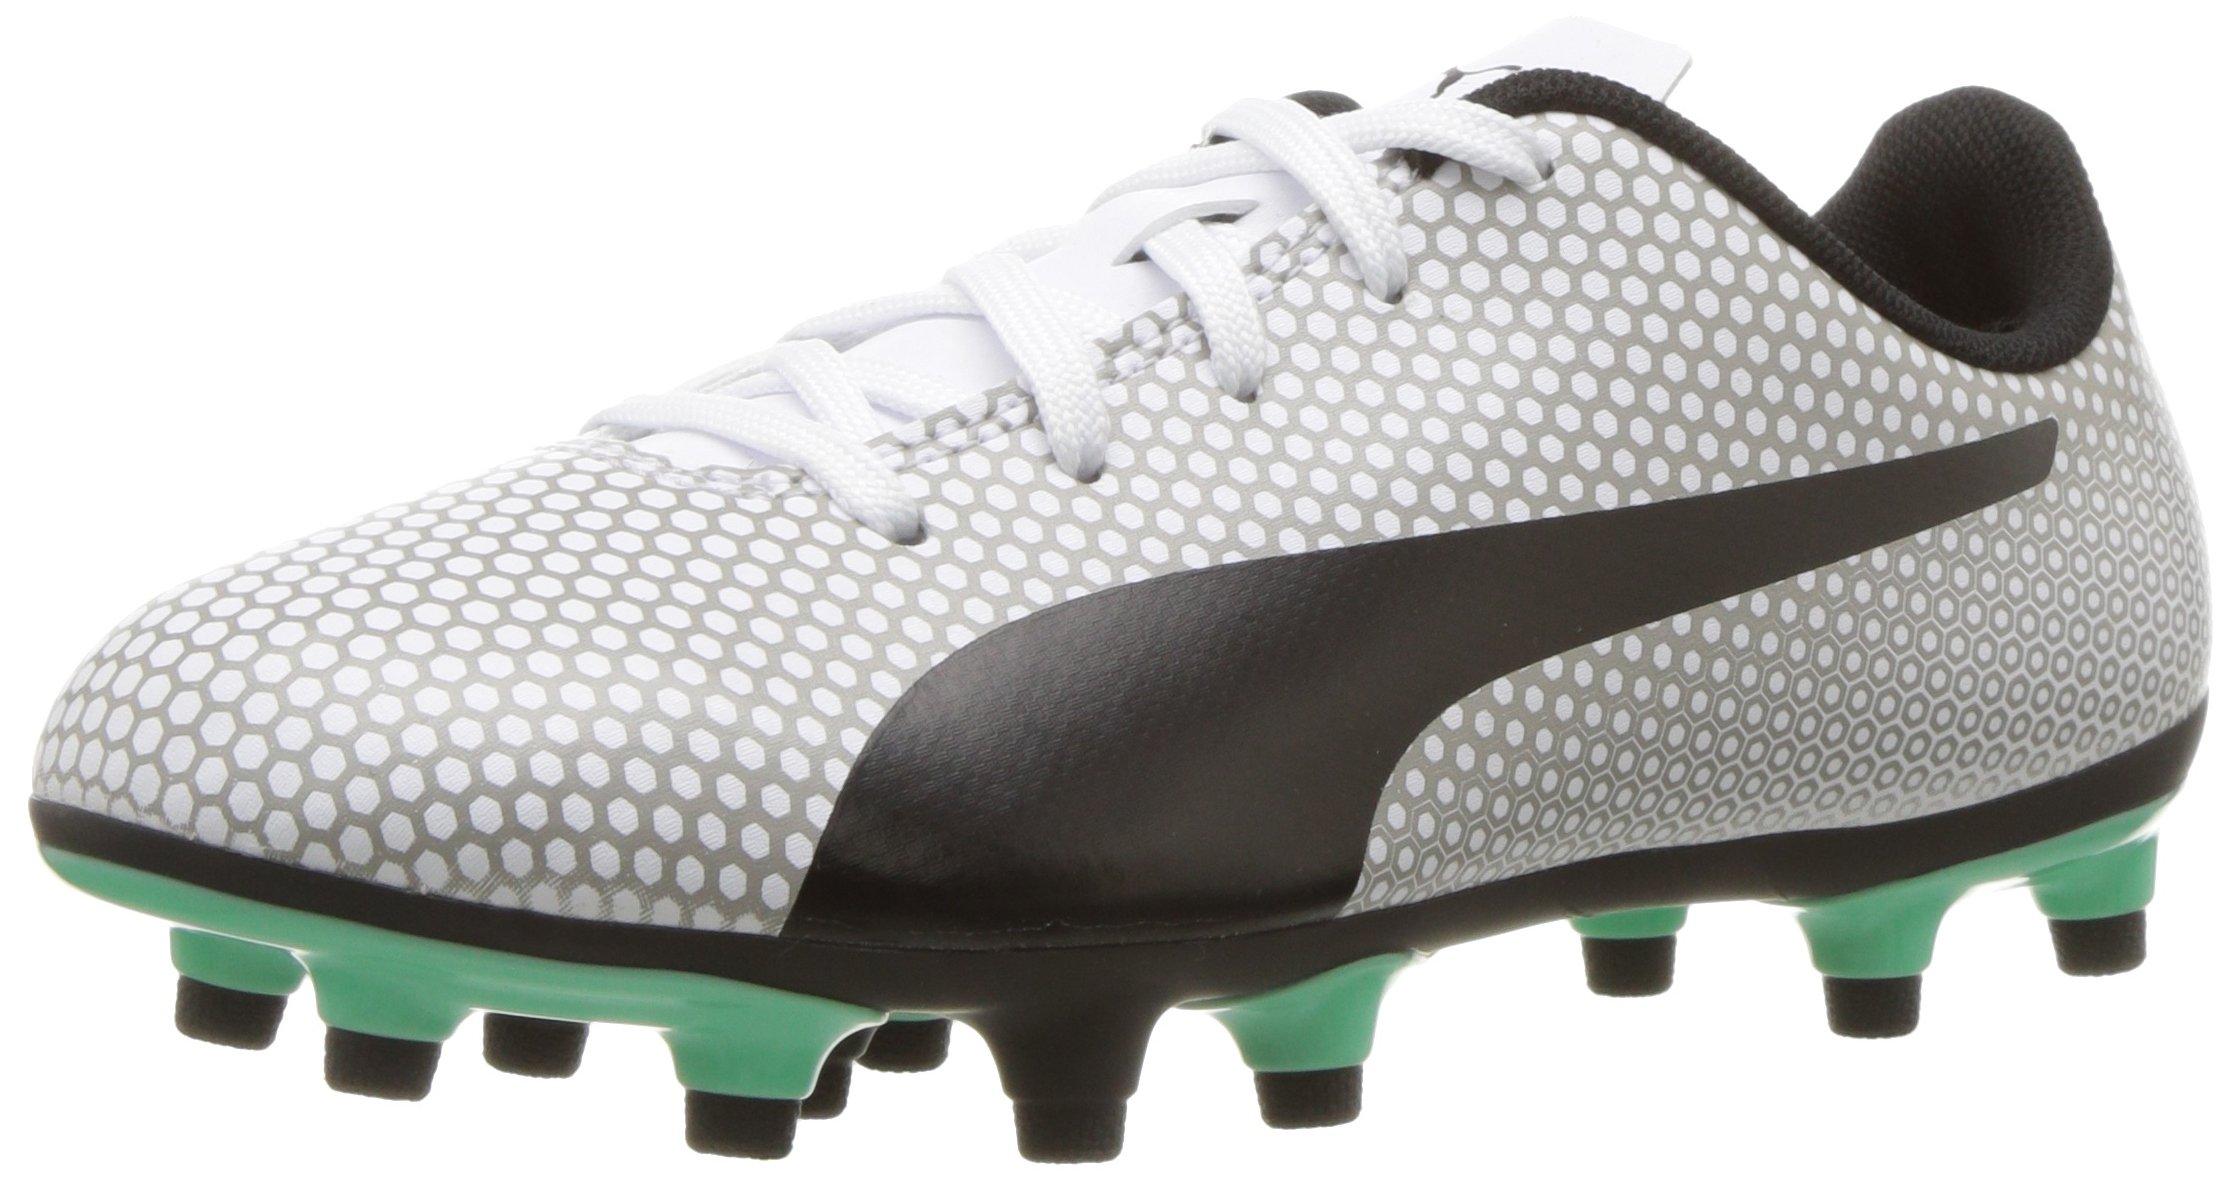 PUMA Unisex Spirit FG Jr Soccer Shoe, White Black Silver, 6.5 M US Big Kid